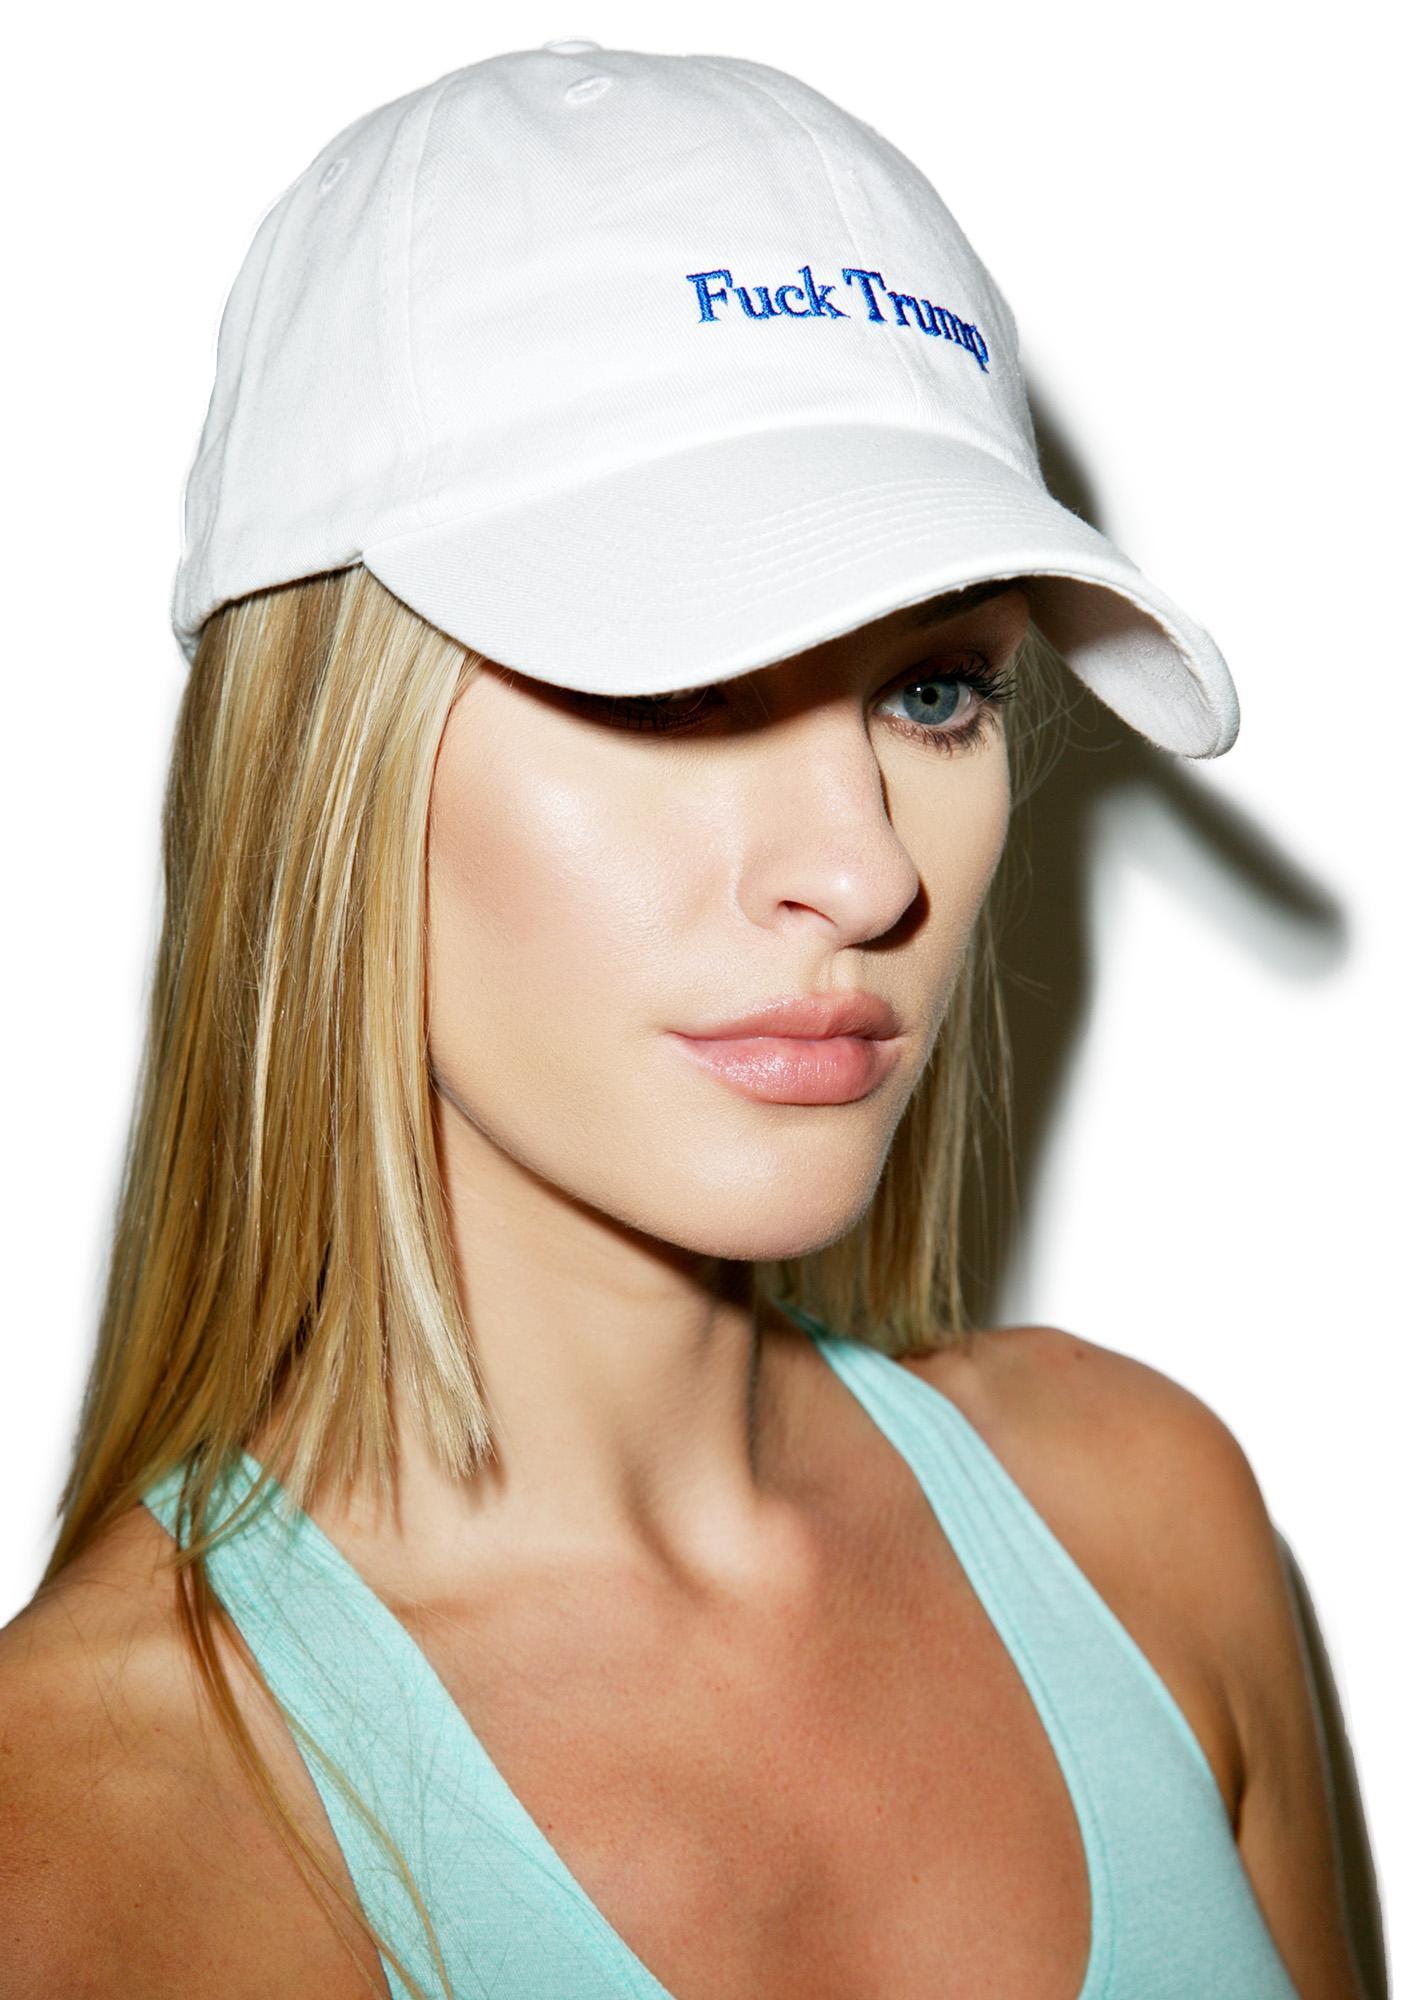 Fuck Trump Dad hat